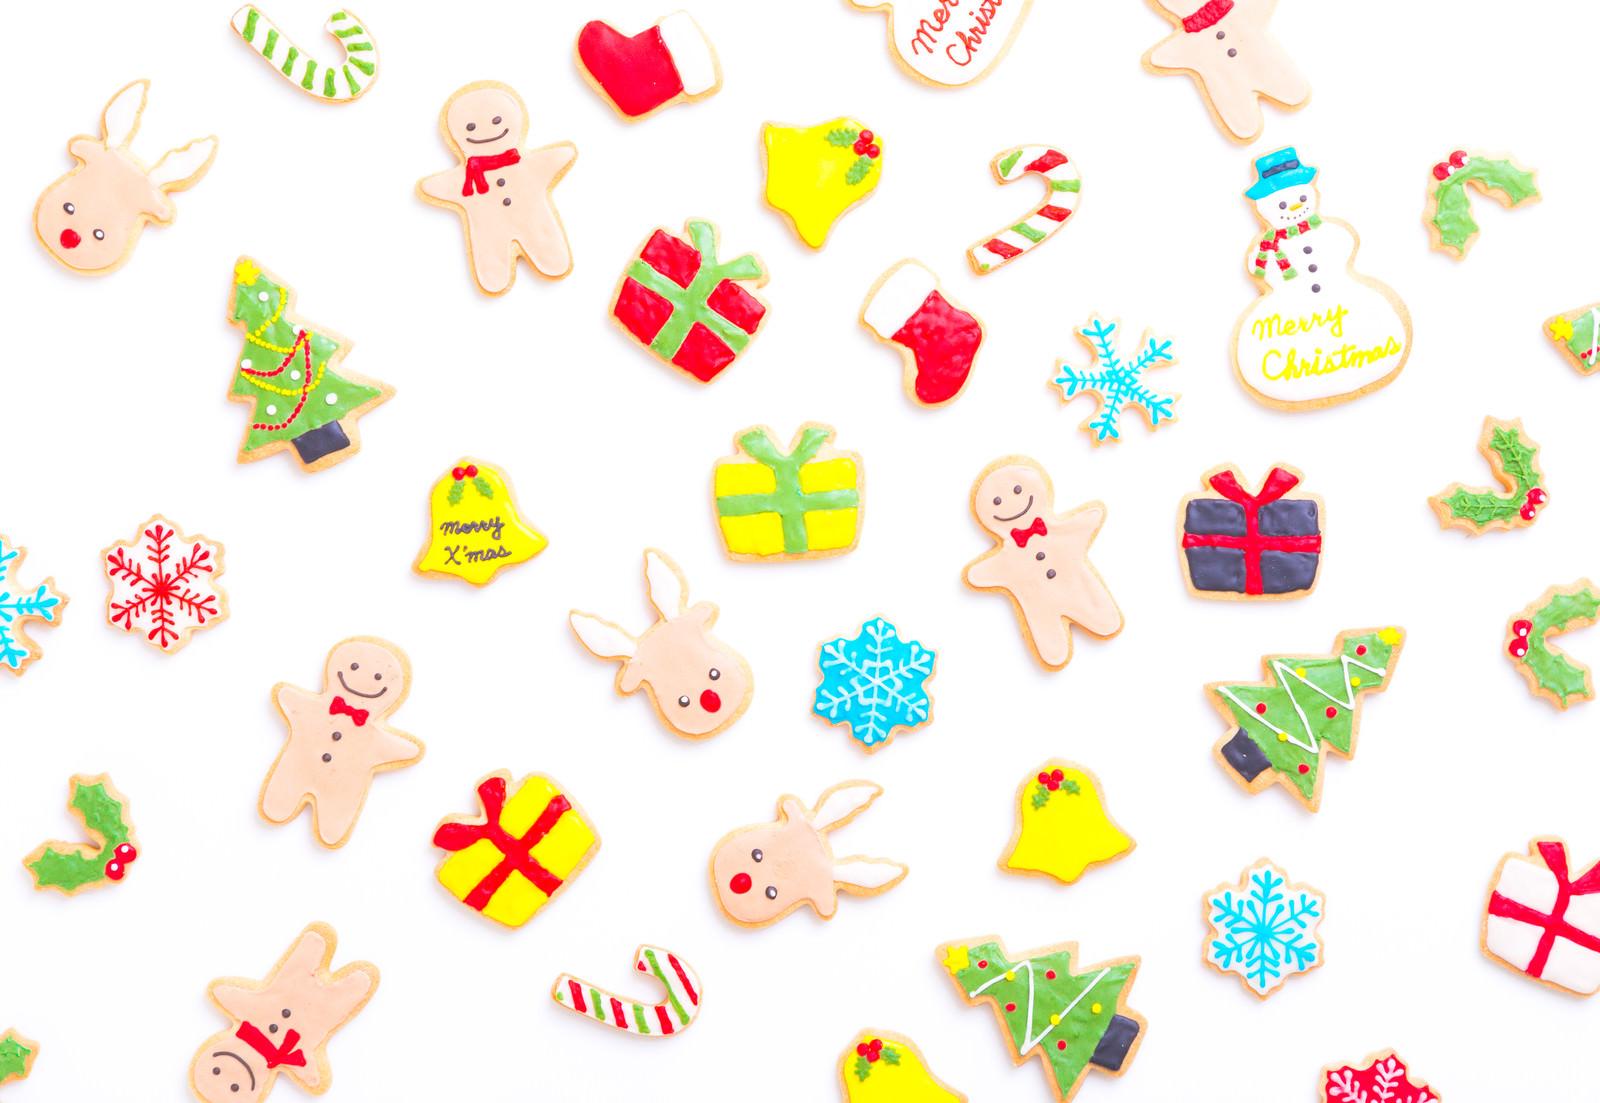 「トナカイやツリーなどのキャラクターアイシングクッキー」の写真